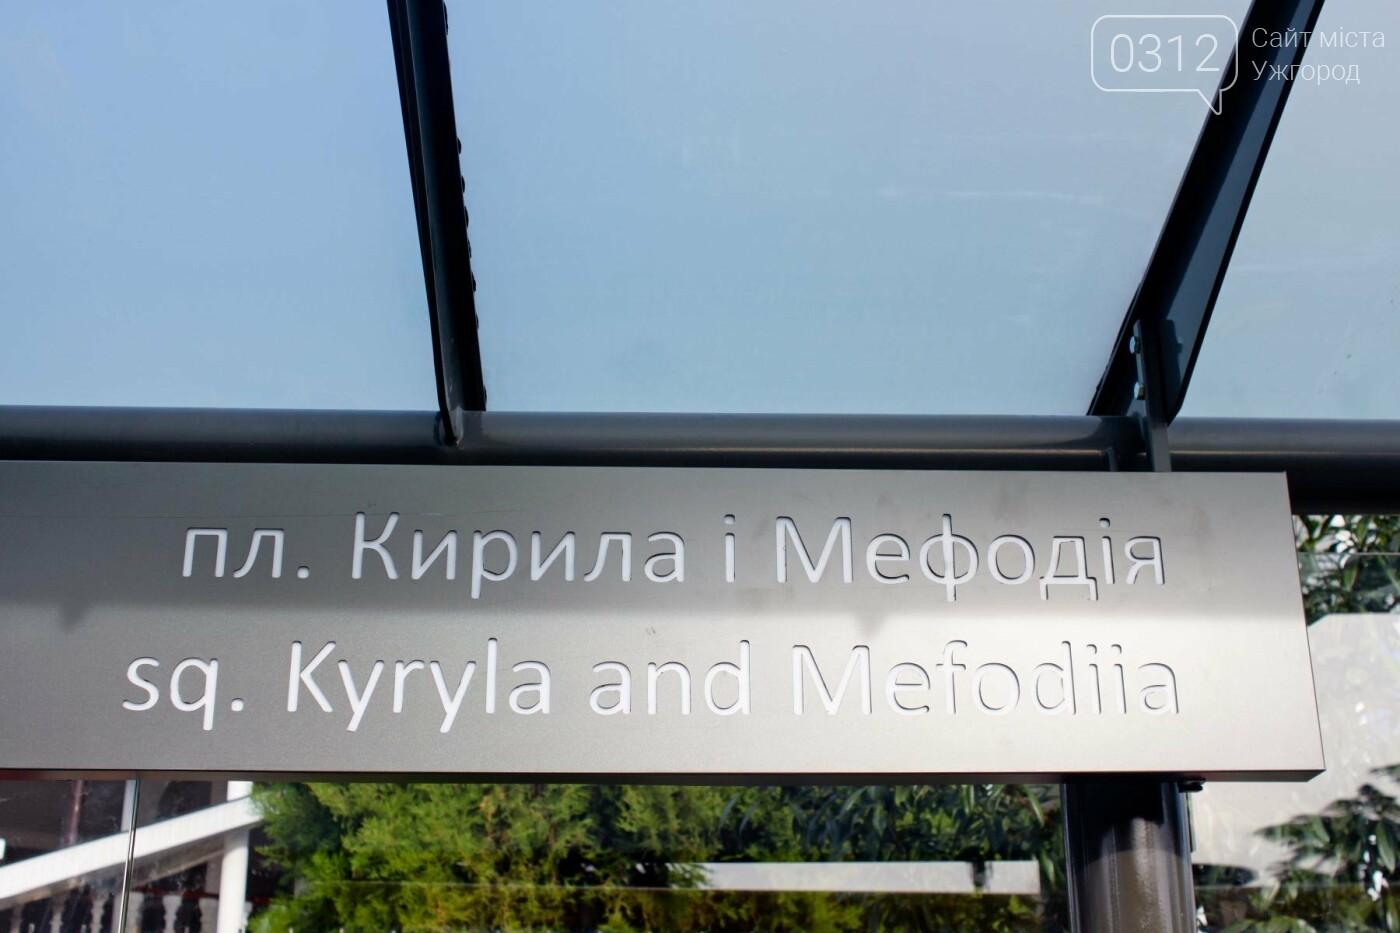 Антивандальне скло та відеоспостереження: чим дивуватимуть нові зупинки в Ужгороді? (ФОТОРЕПОРТАЖ), фото-11